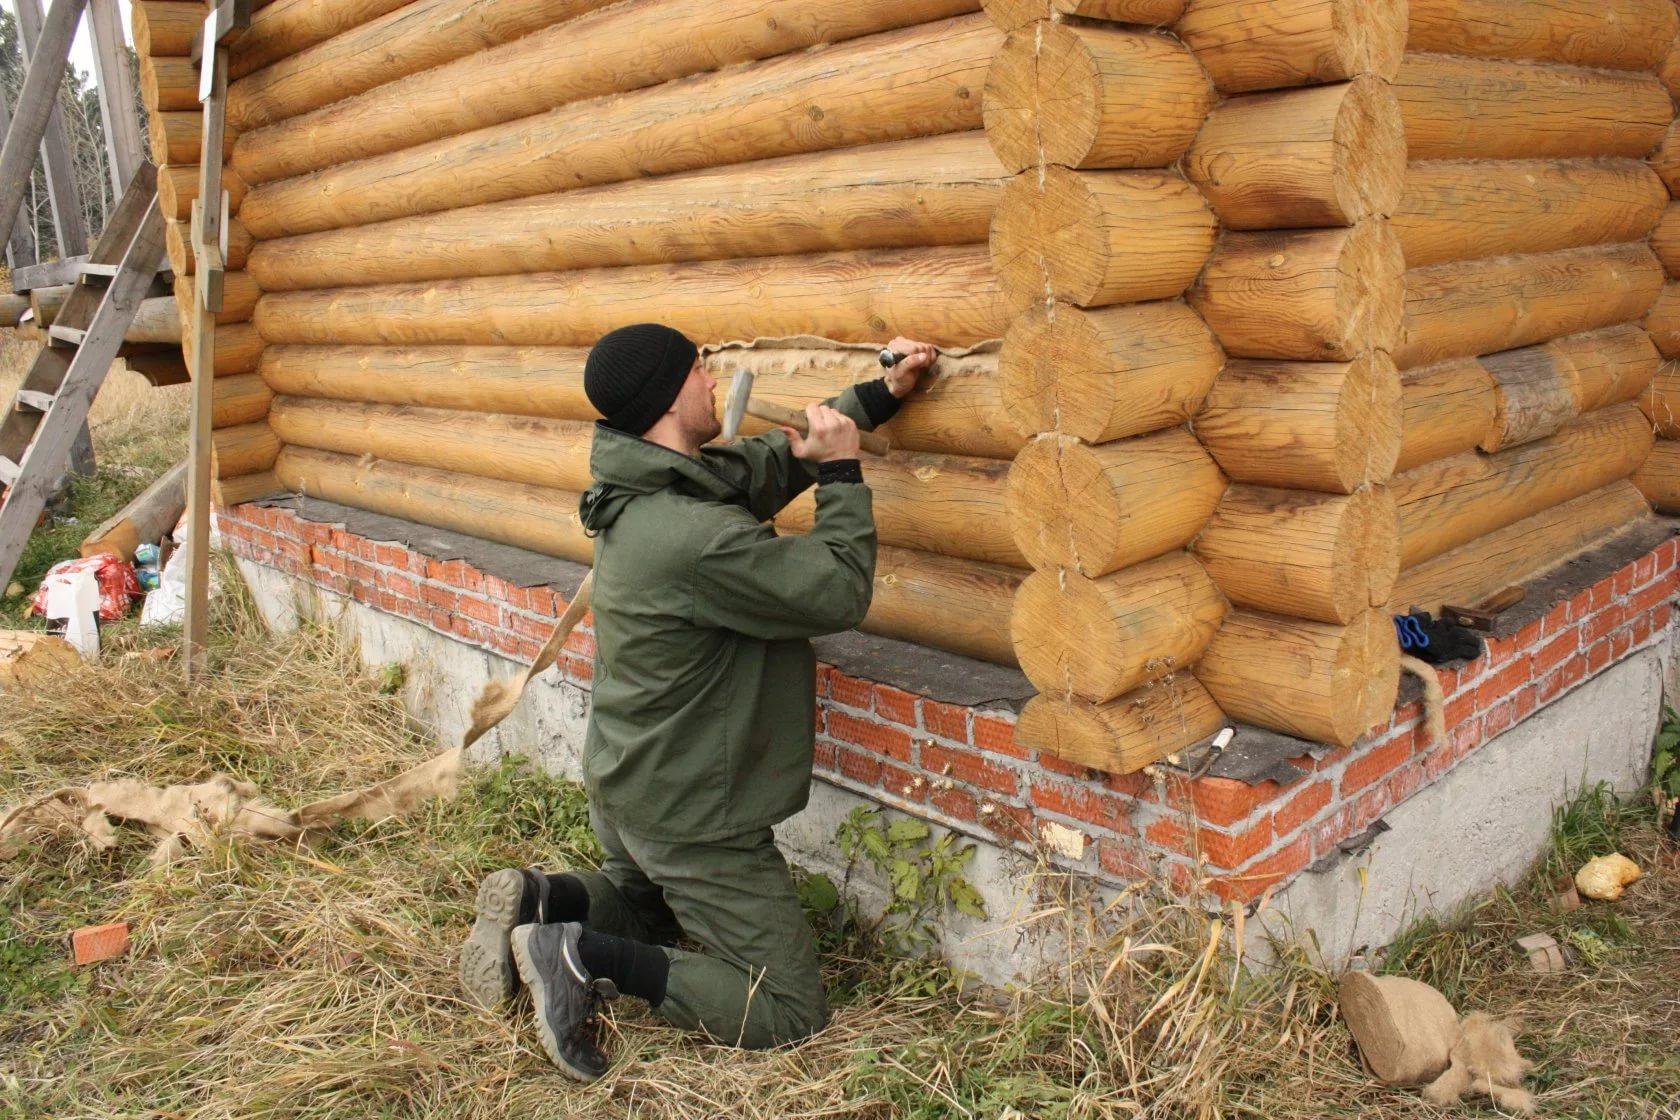 http://www.stroy-podskazka.ru/images/article/orig/2018/05/konopatka-sruba-kak-kogda-i-chem-eto-nuzhno-delat-5.jpg